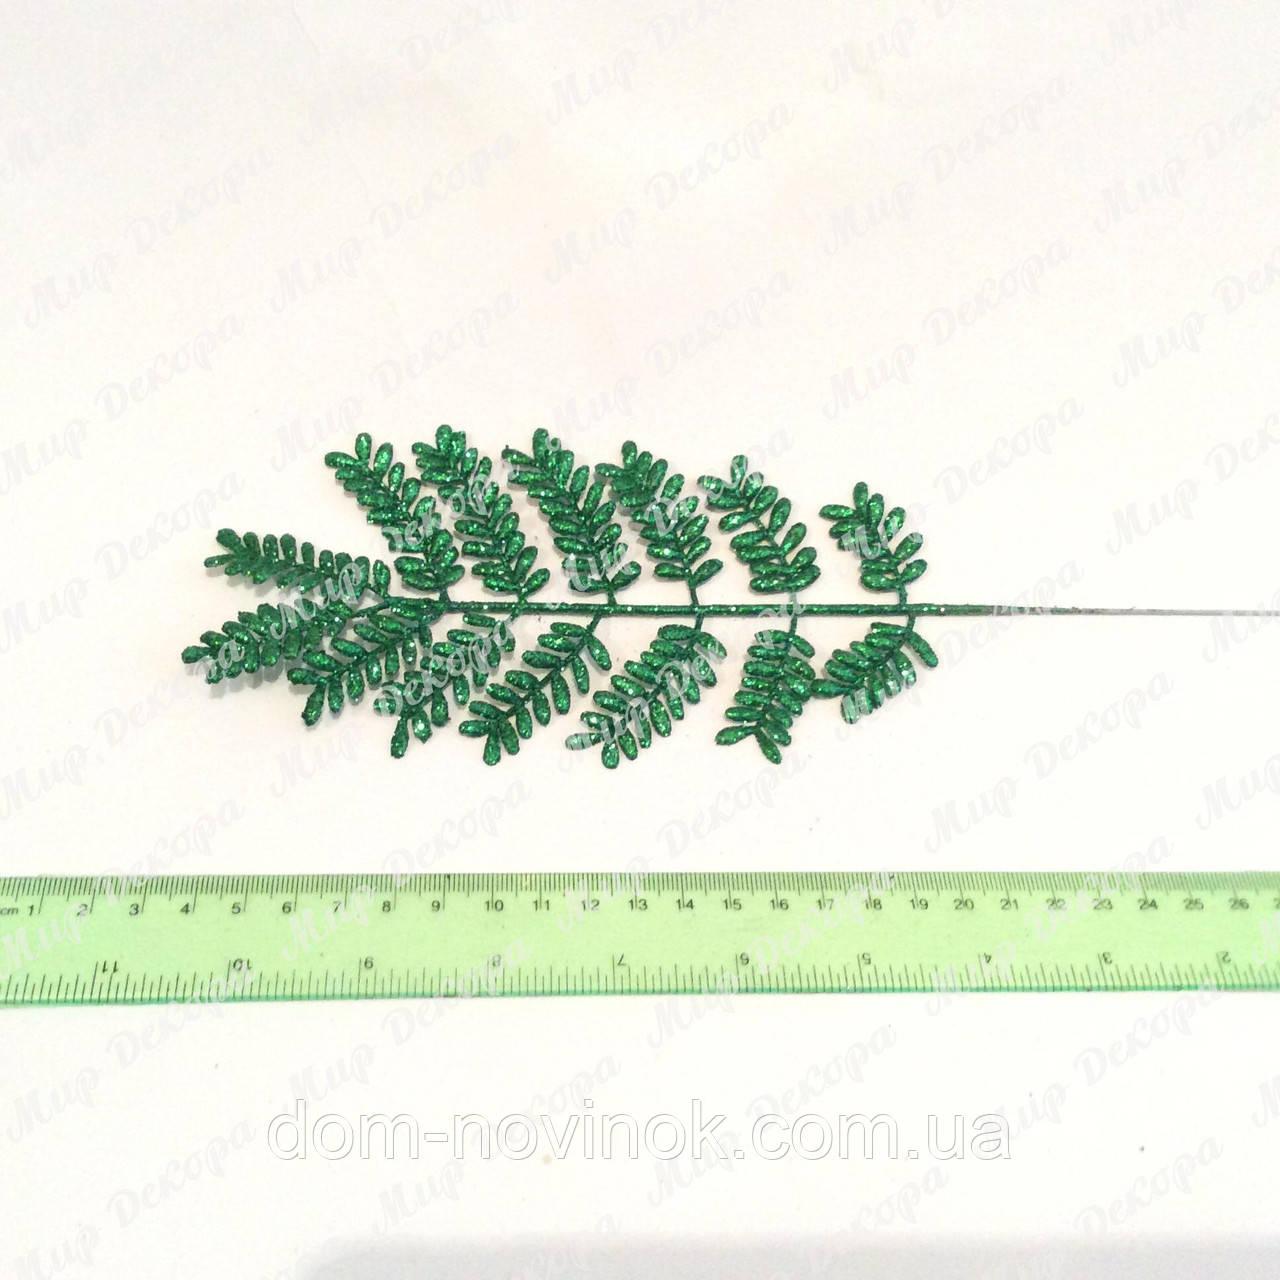 Лист папоротника зеленый (10 Лист папоротника зеленый (10